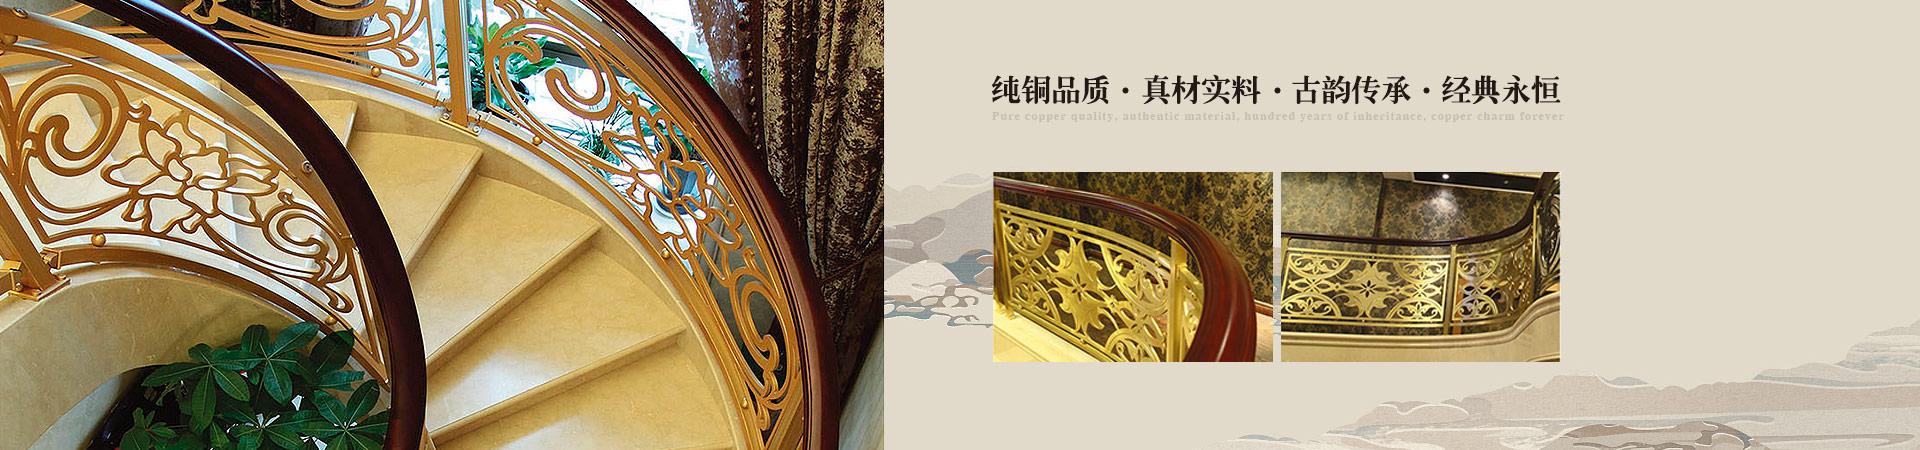 纯铜品质,真实材料,古韵传承,经典永恒